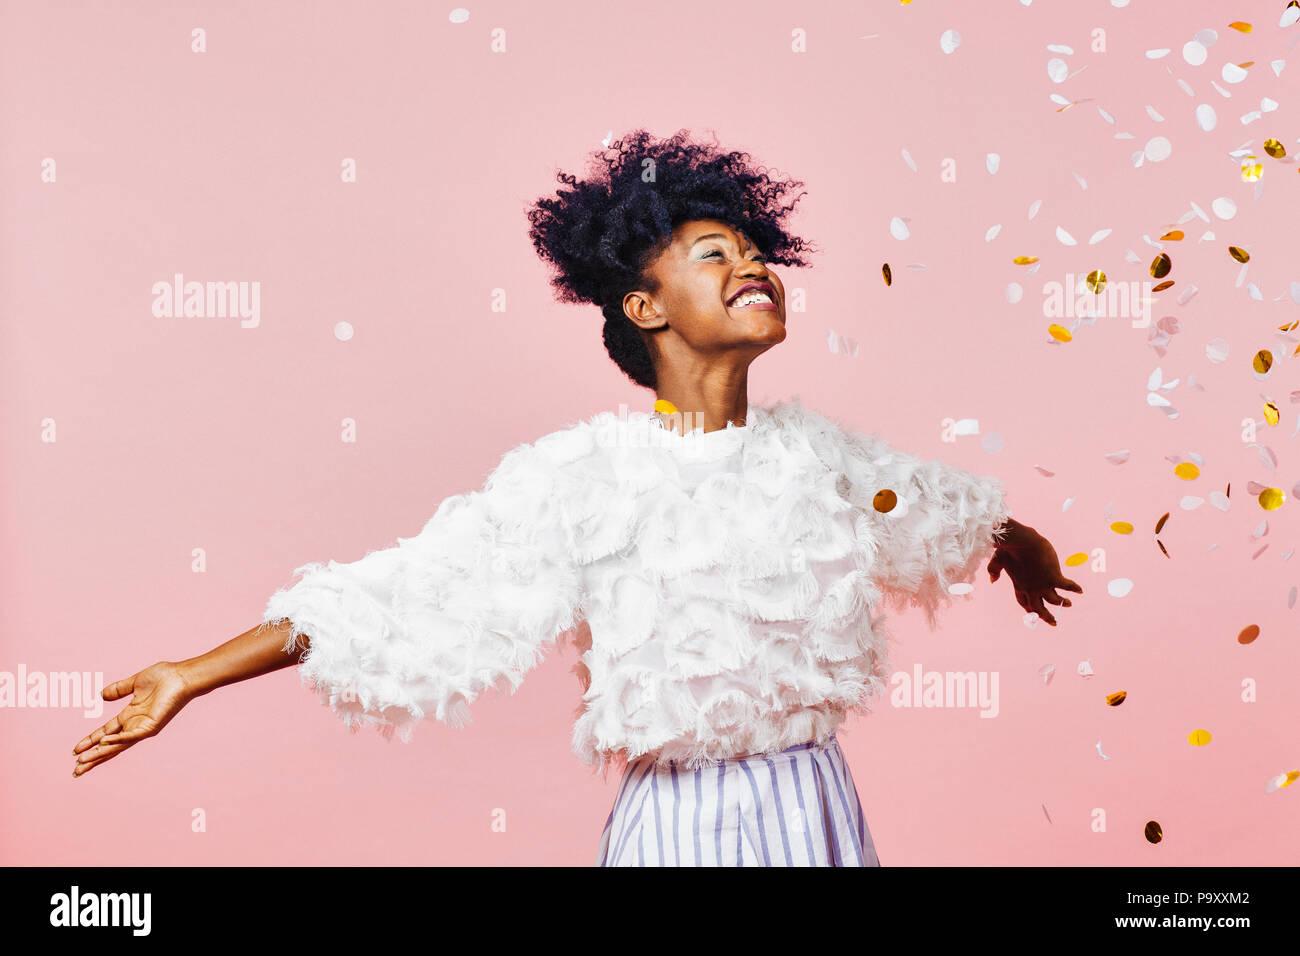 Eine magische Zeit - Porträt einer sehr glücklichen Mädchen mit Armen, lächelnd und sah Stockbild